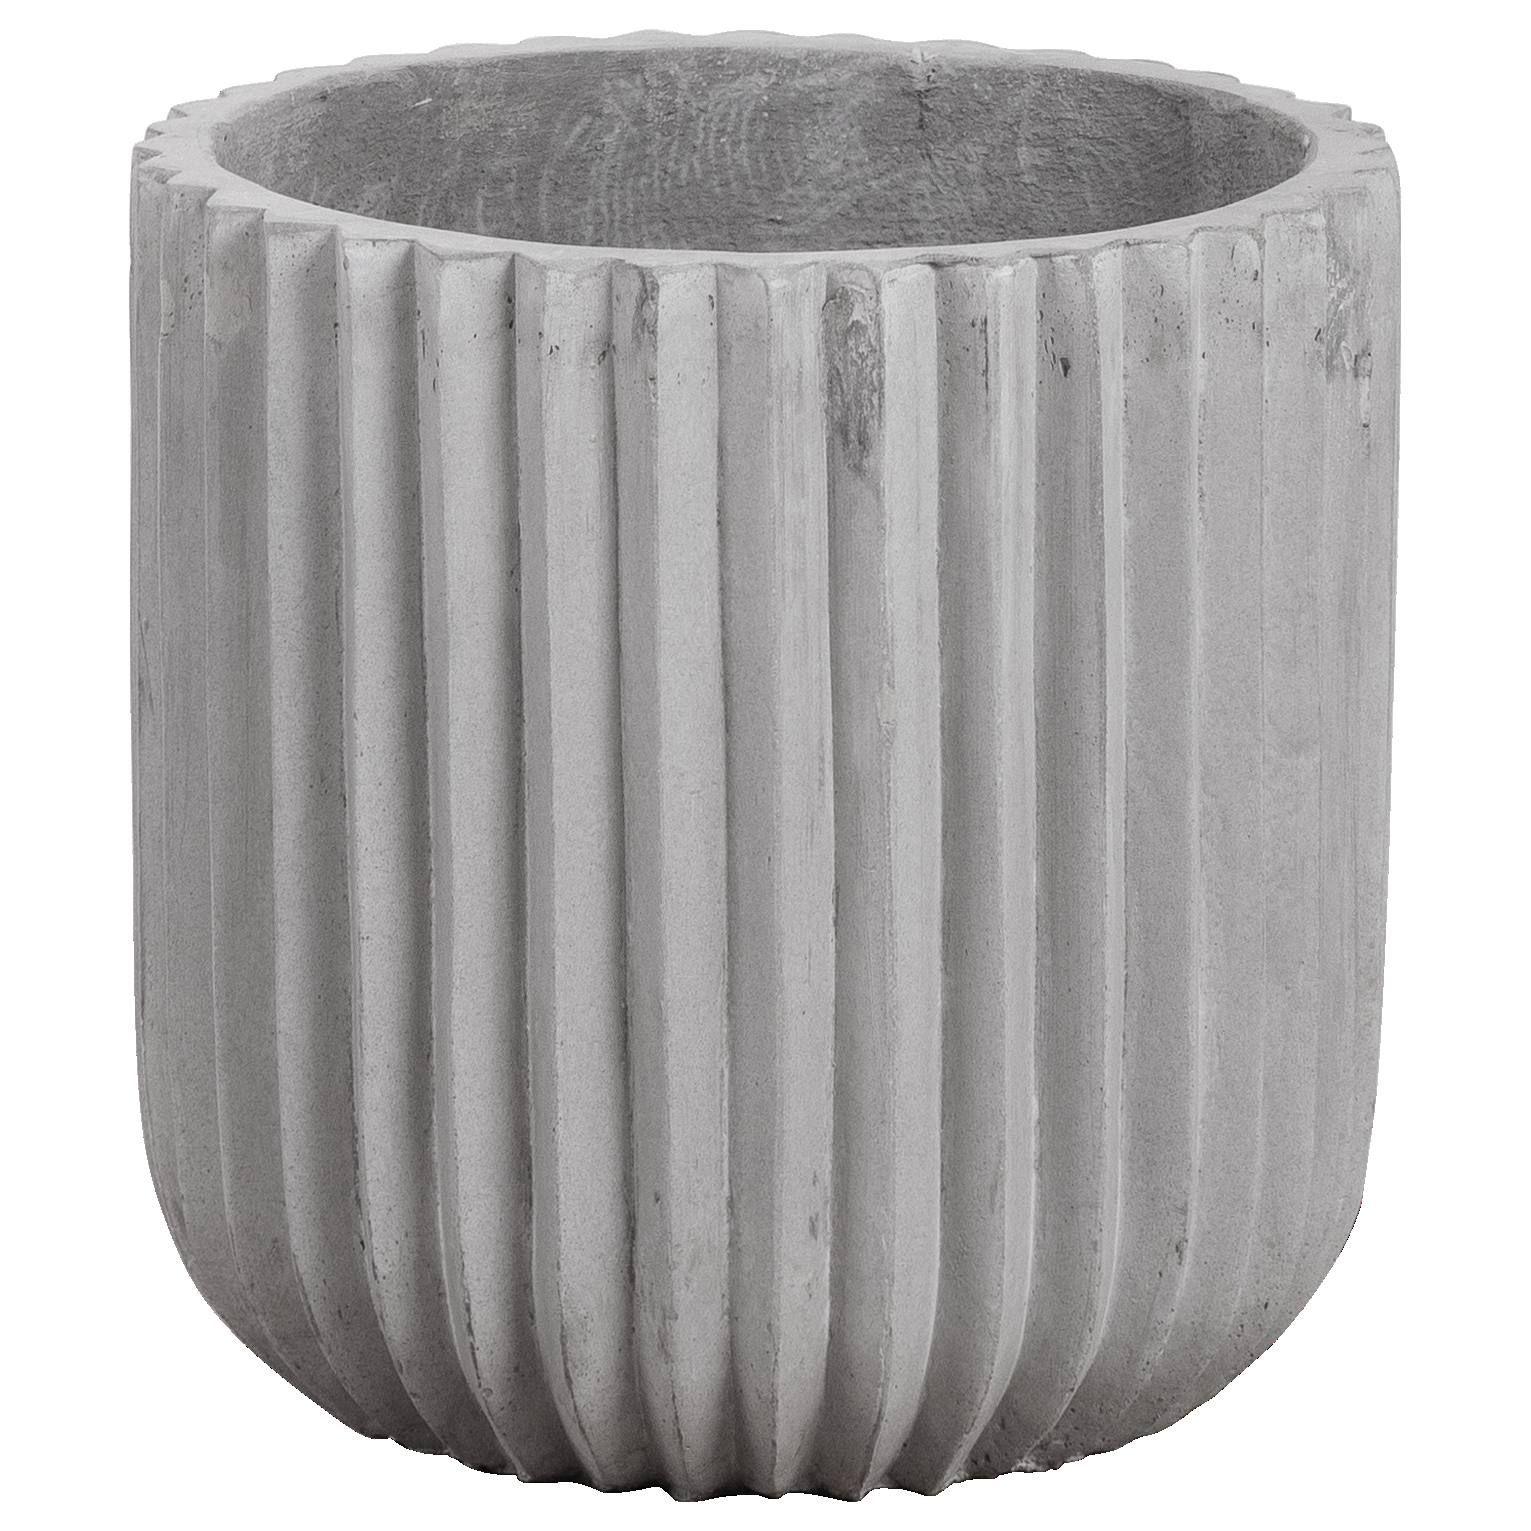 Allure 37x37cm Concrete Planter Stone Grey With Images Concrete Planters Garden Planters Diy Grey Stone